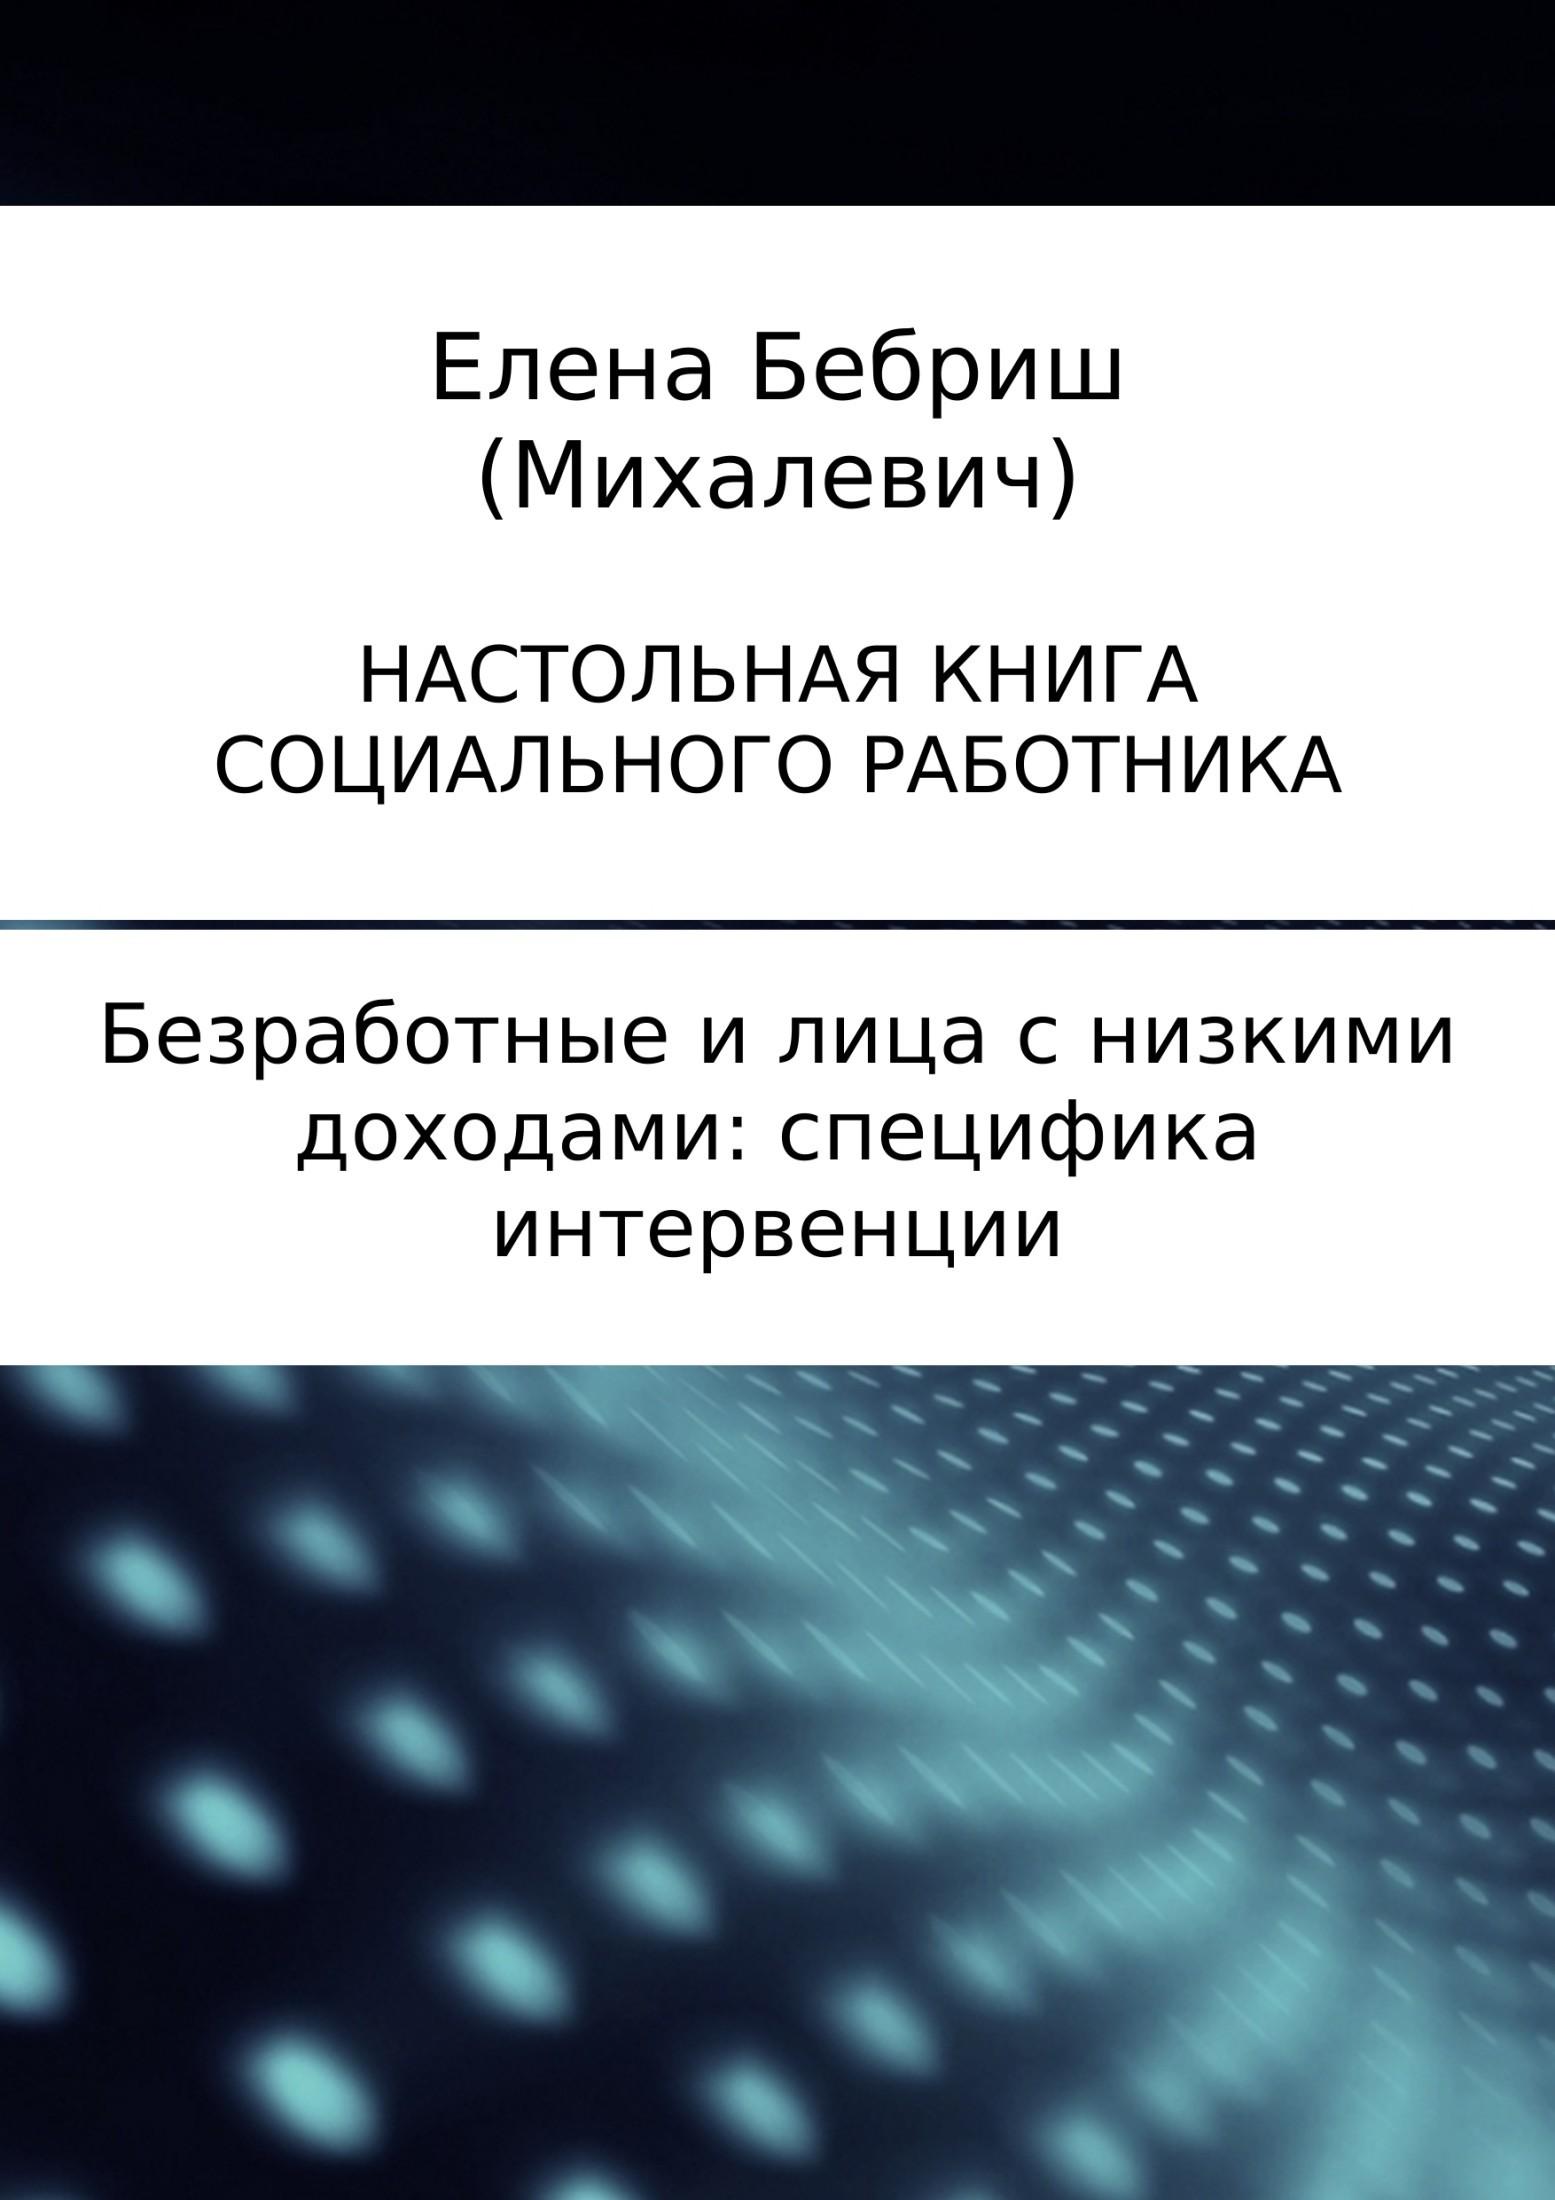 фото обложки издания Безработные и лица с низкими доходами: специфика интервенции